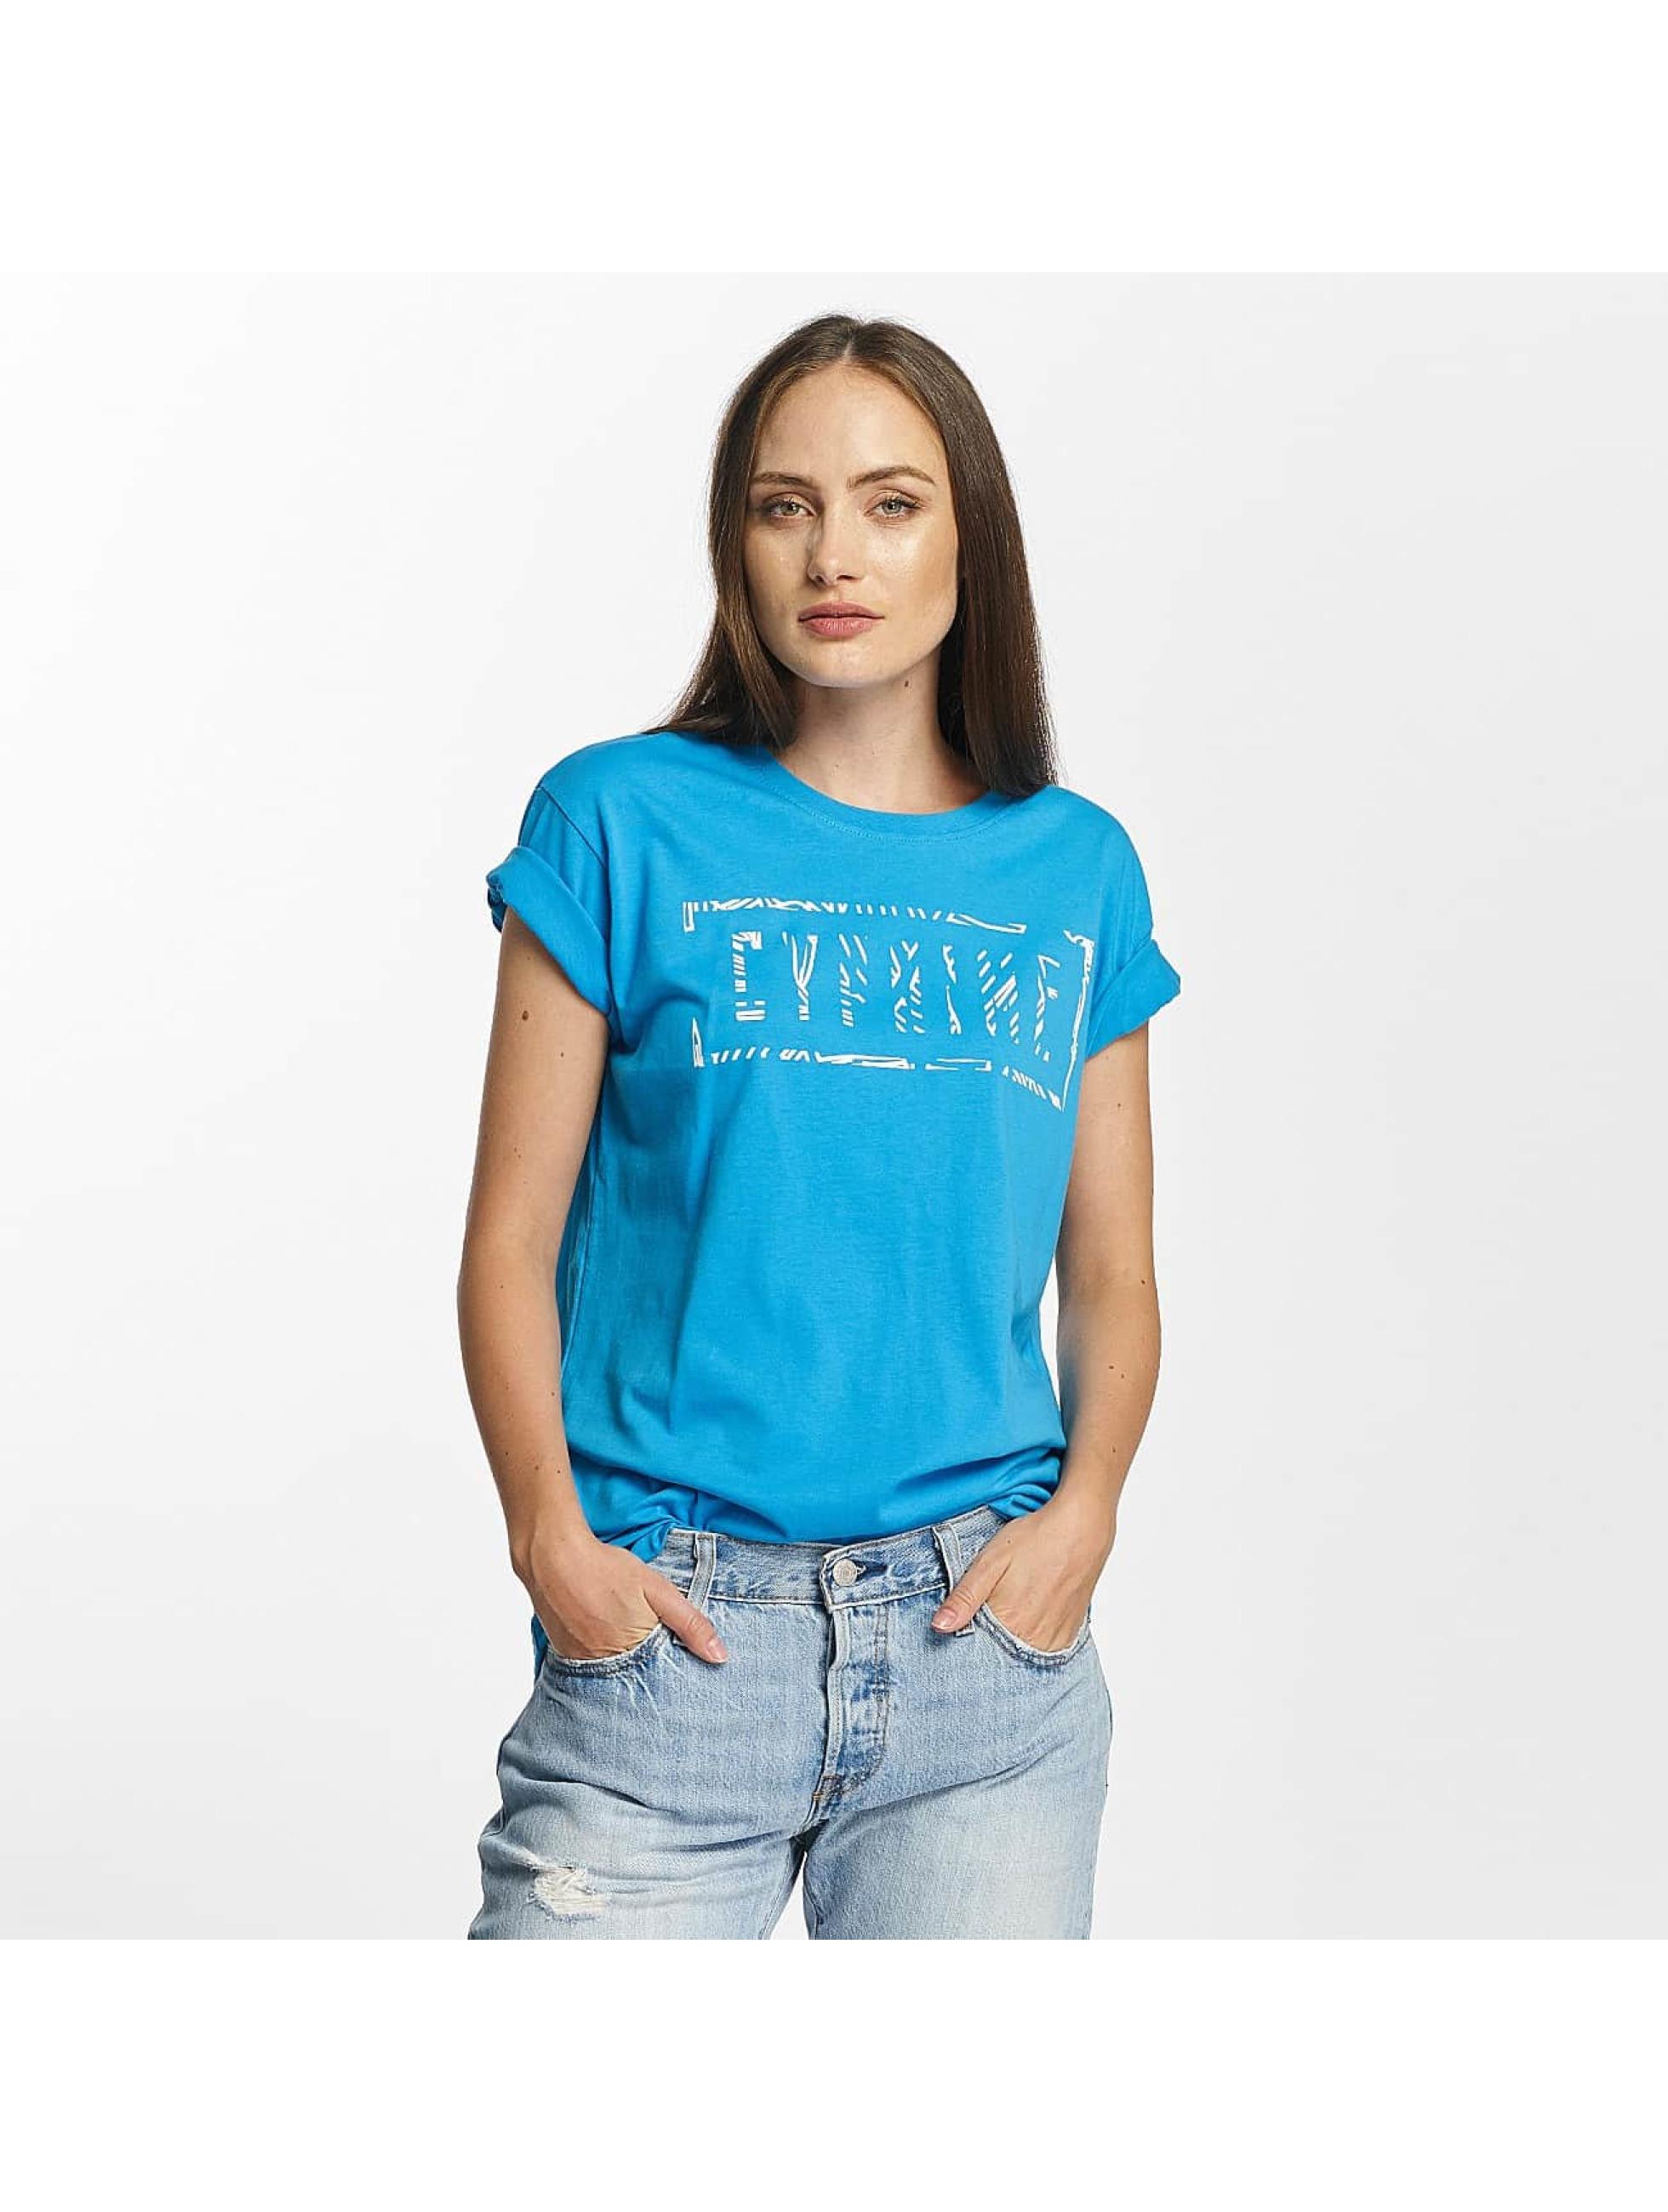 Cyprime Camiseta Cerium Oversized turquesa